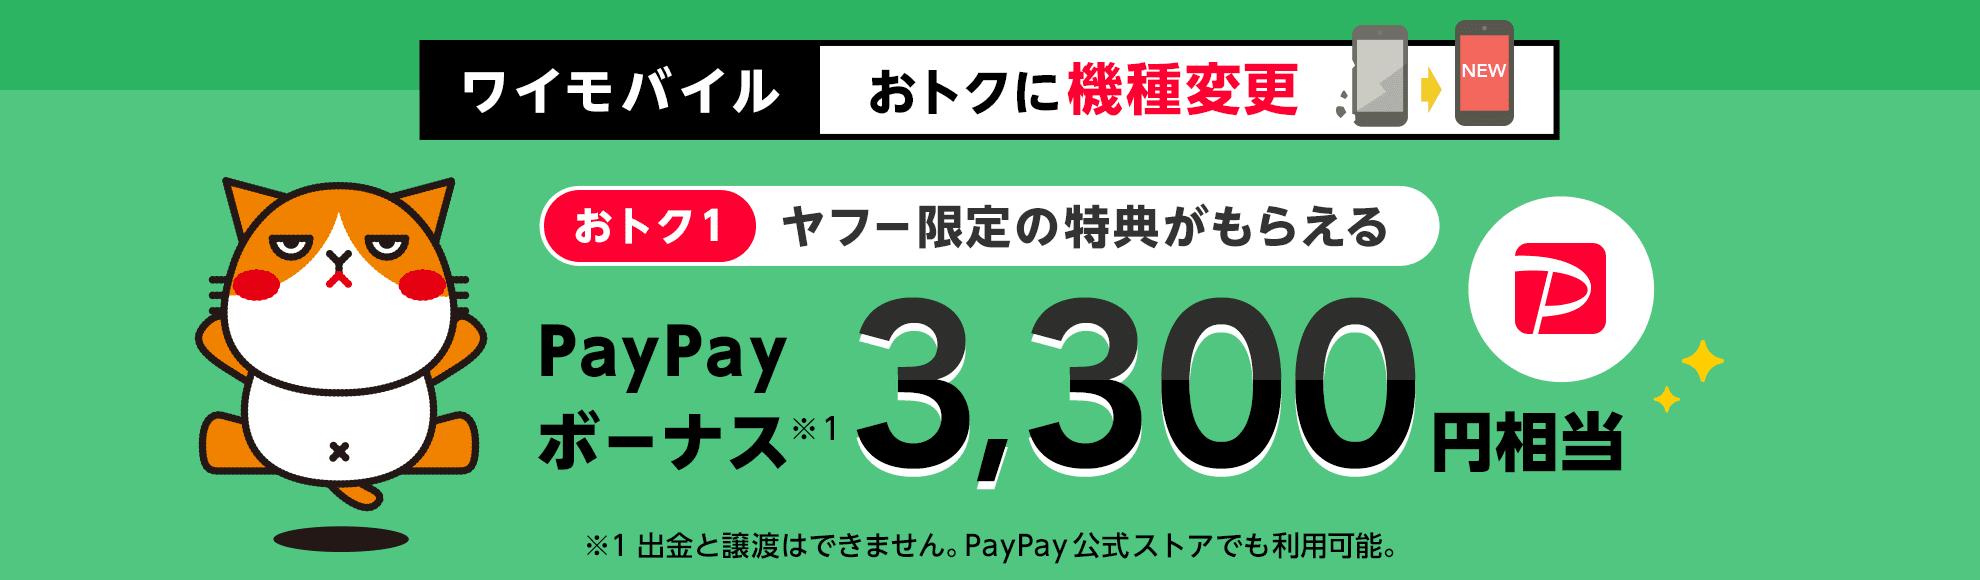 ワイモバイル おトクに機種変更 おトク1 ヤフー限定の特典がもらえる PayPayボーナス※1 3,300円相当 ※1 出金と譲渡はできません。PayPay公式ストアでも利用可能。